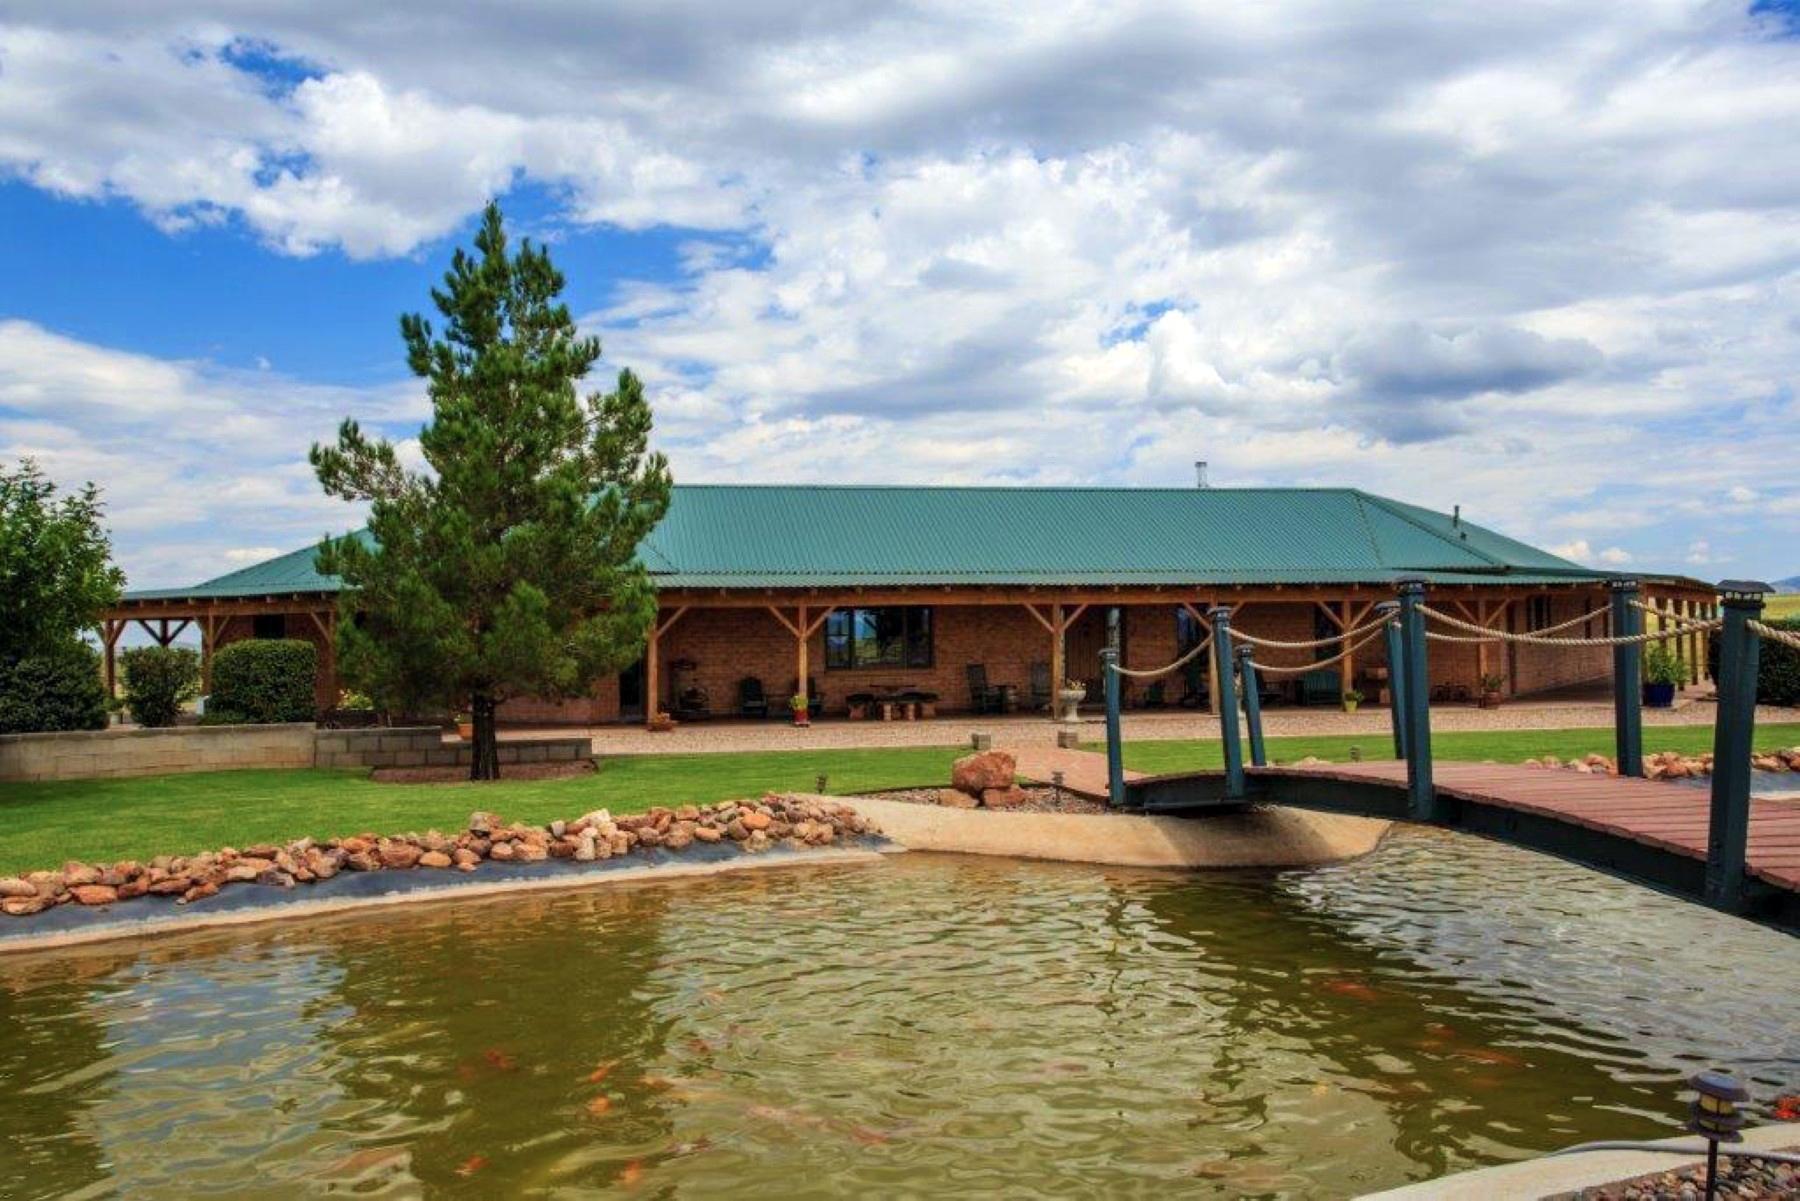 Maison unifamiliale pour l Vente à Spectacular Property Offering Supreme Southwestern Living on 25+ Acres 20 Mountain View Rd Elgin, Arizona 85611 États-Unis